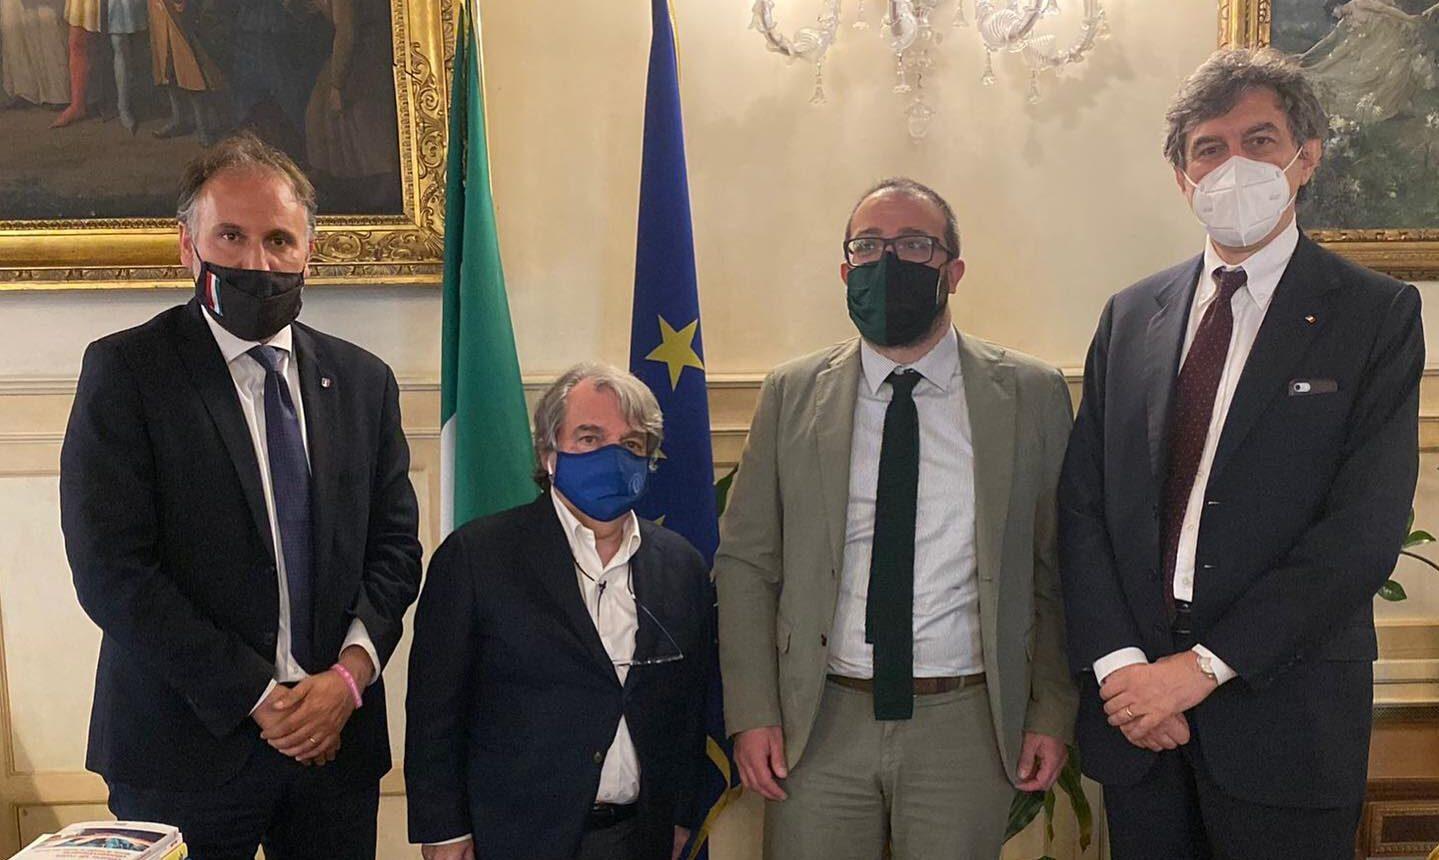 Lavoratori precari della ricostruzione post sisma, Marsilio e Liris incontrano il Ministro Brunetta